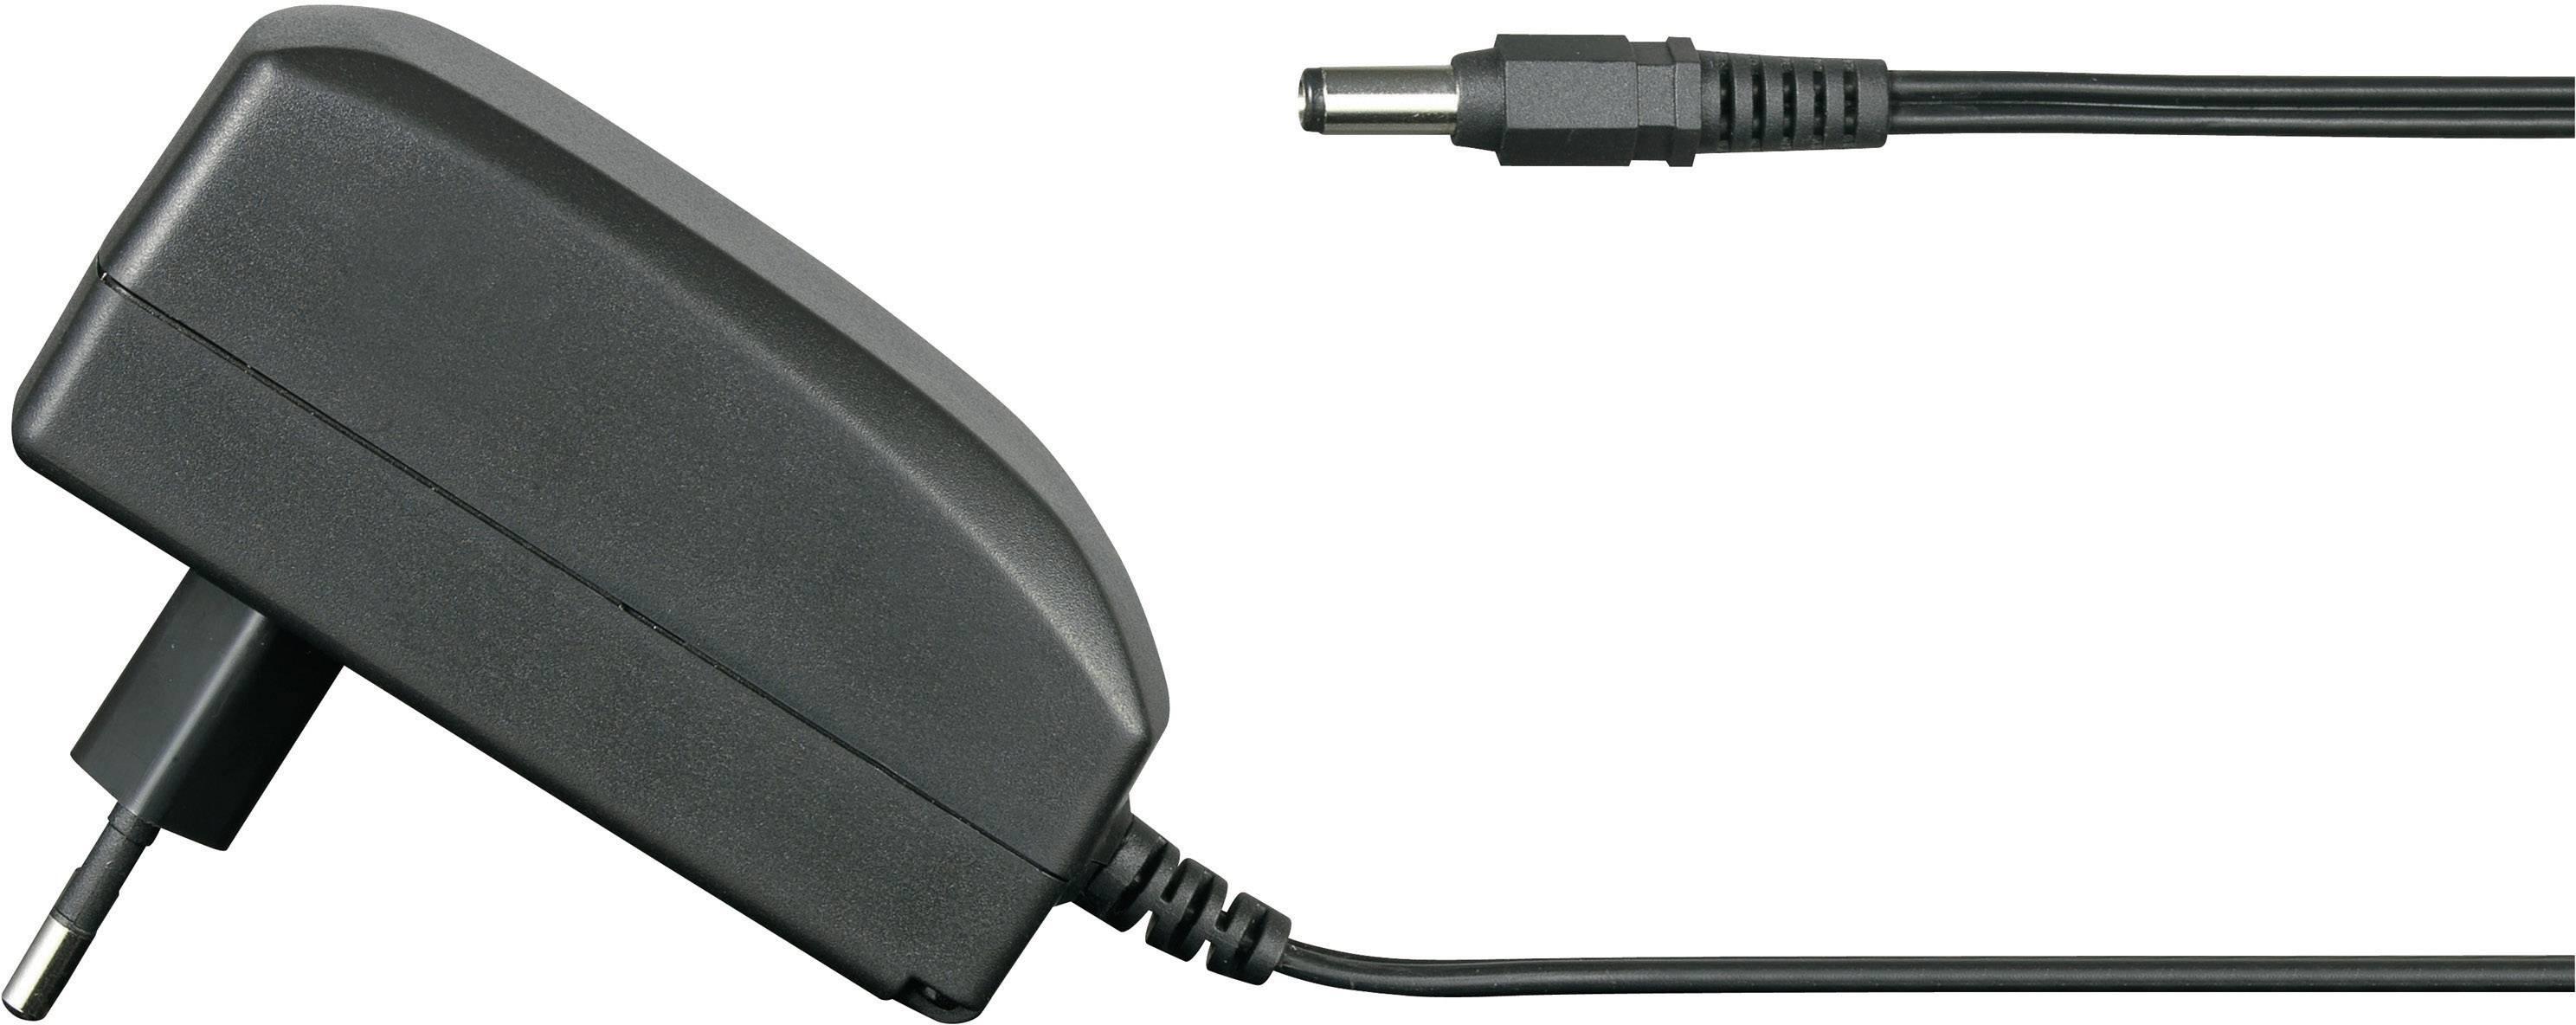 Zásuvkový adaptér so stálym napätím VOLTCRAFT FPPS 18-27W, 27 W, 1500 mA